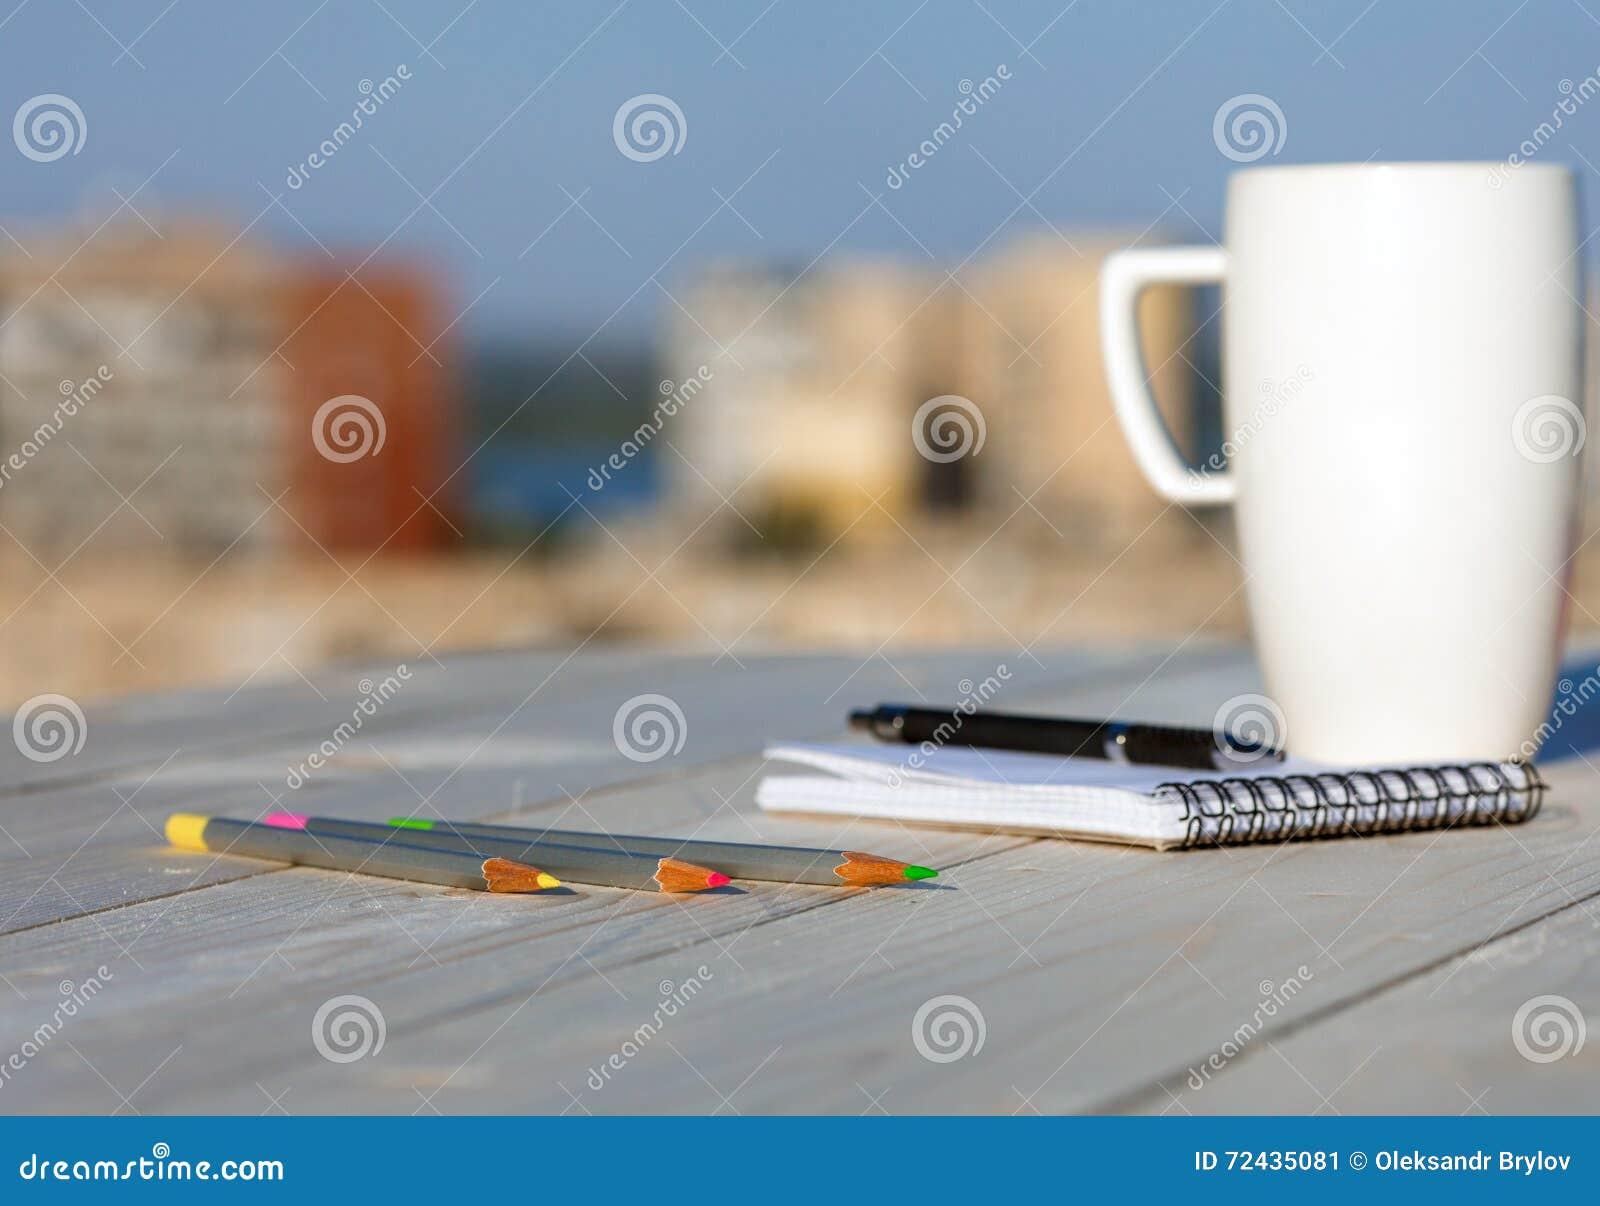 Κάθε μέρα σύνθεση ημερολογίων στο ξύλινο γραφείο με την κούπα καφέ